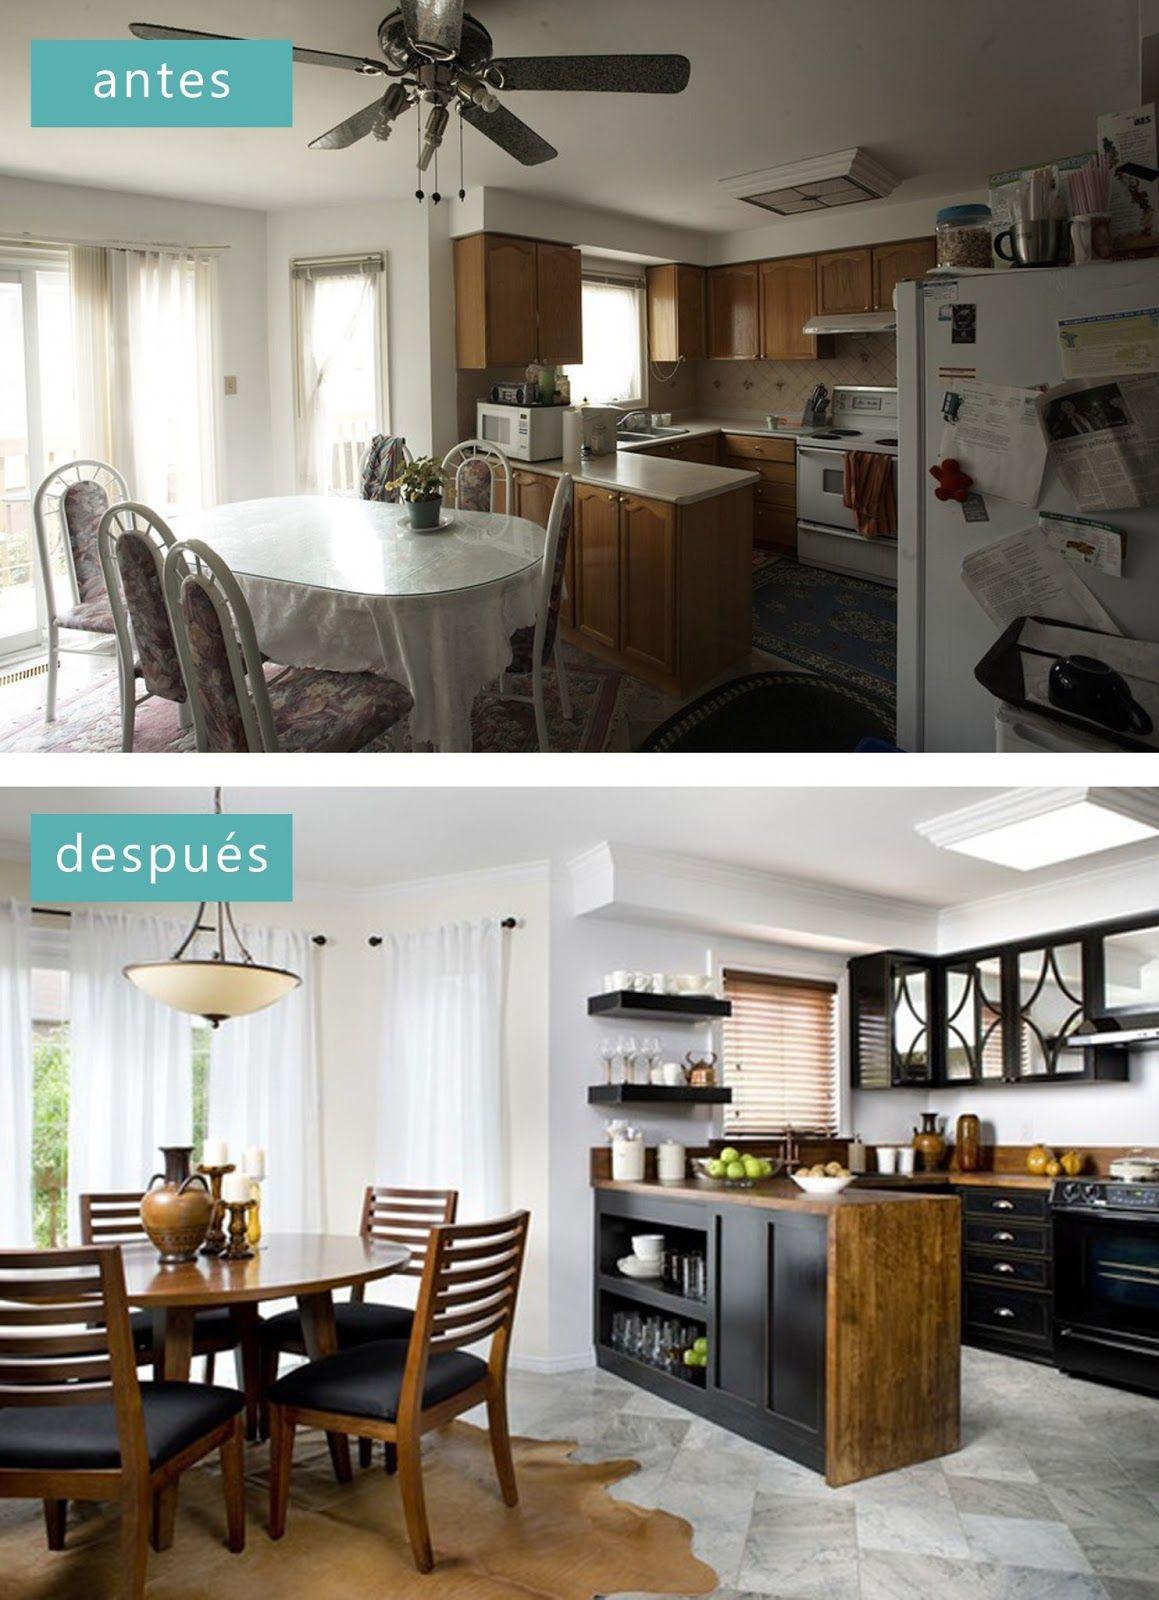 Antes y despu s los asaltacasas interior design dise o for Cocinas antes y despues